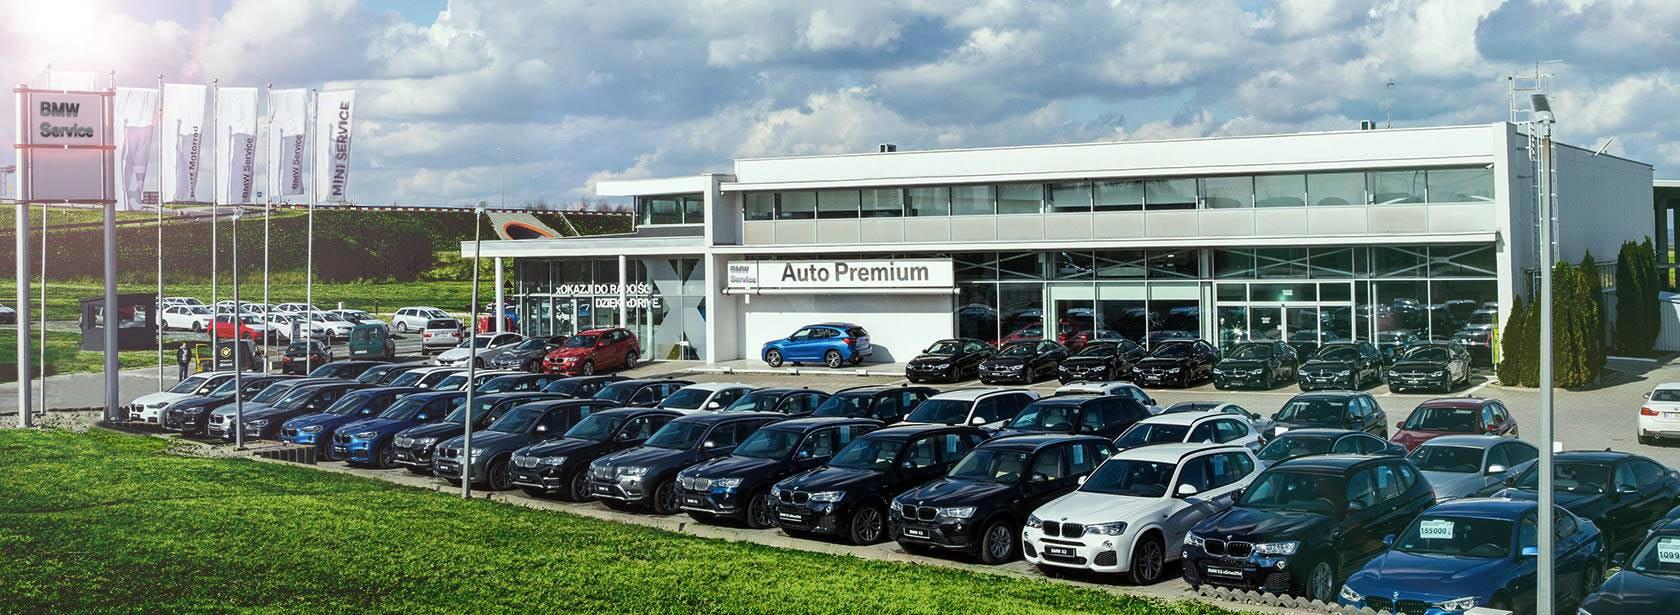 Autoryzowany Serwis BMW Auto Premium.